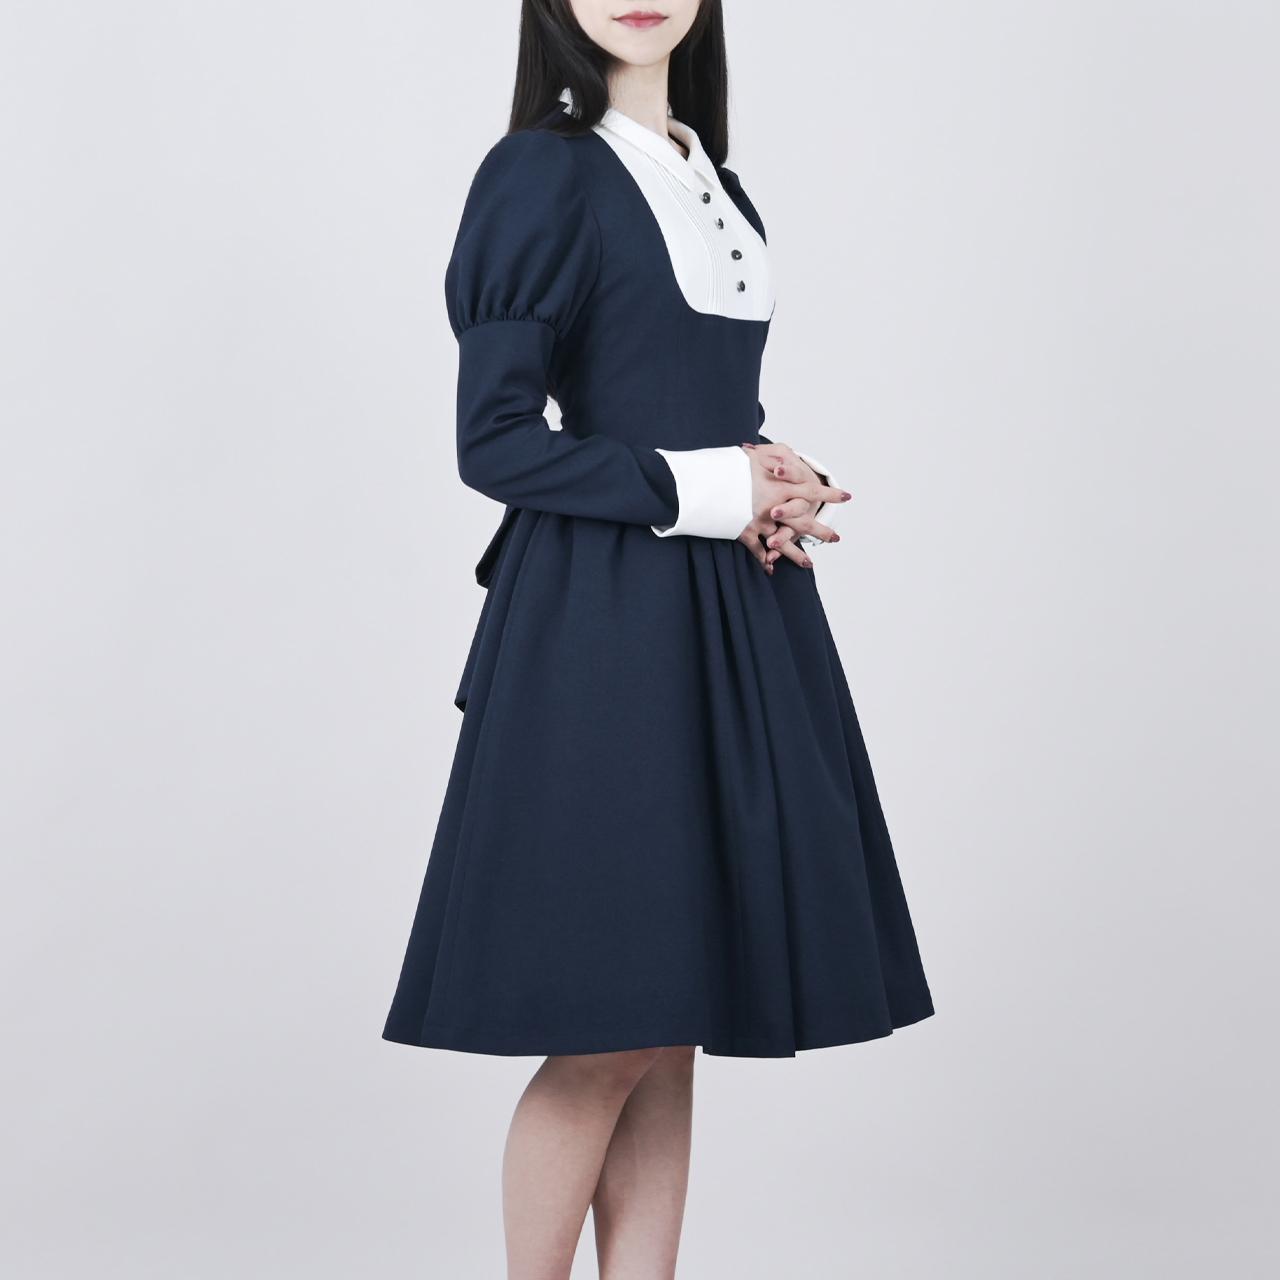 【限定】クラシックレトロワンピース ネイビー